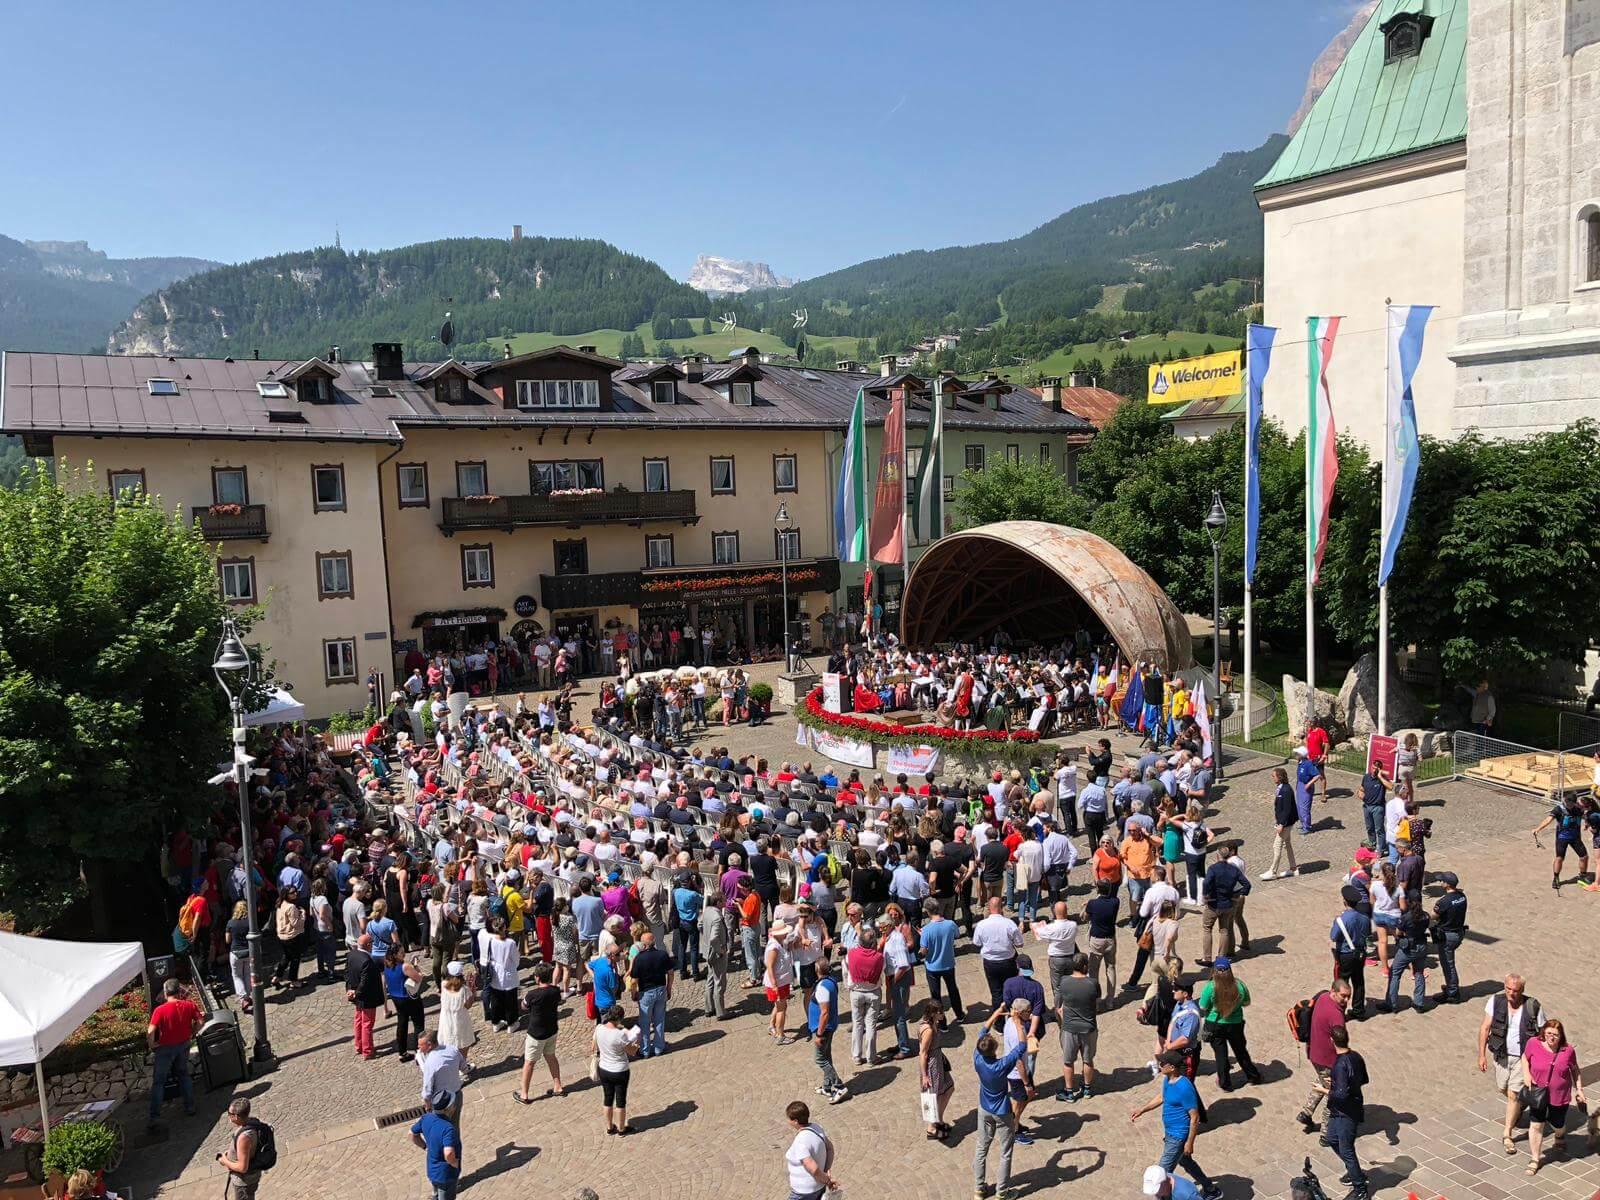 Dieci anni di Dolomiti UNESCO: da Cortina d'Ampezzo parte la festa